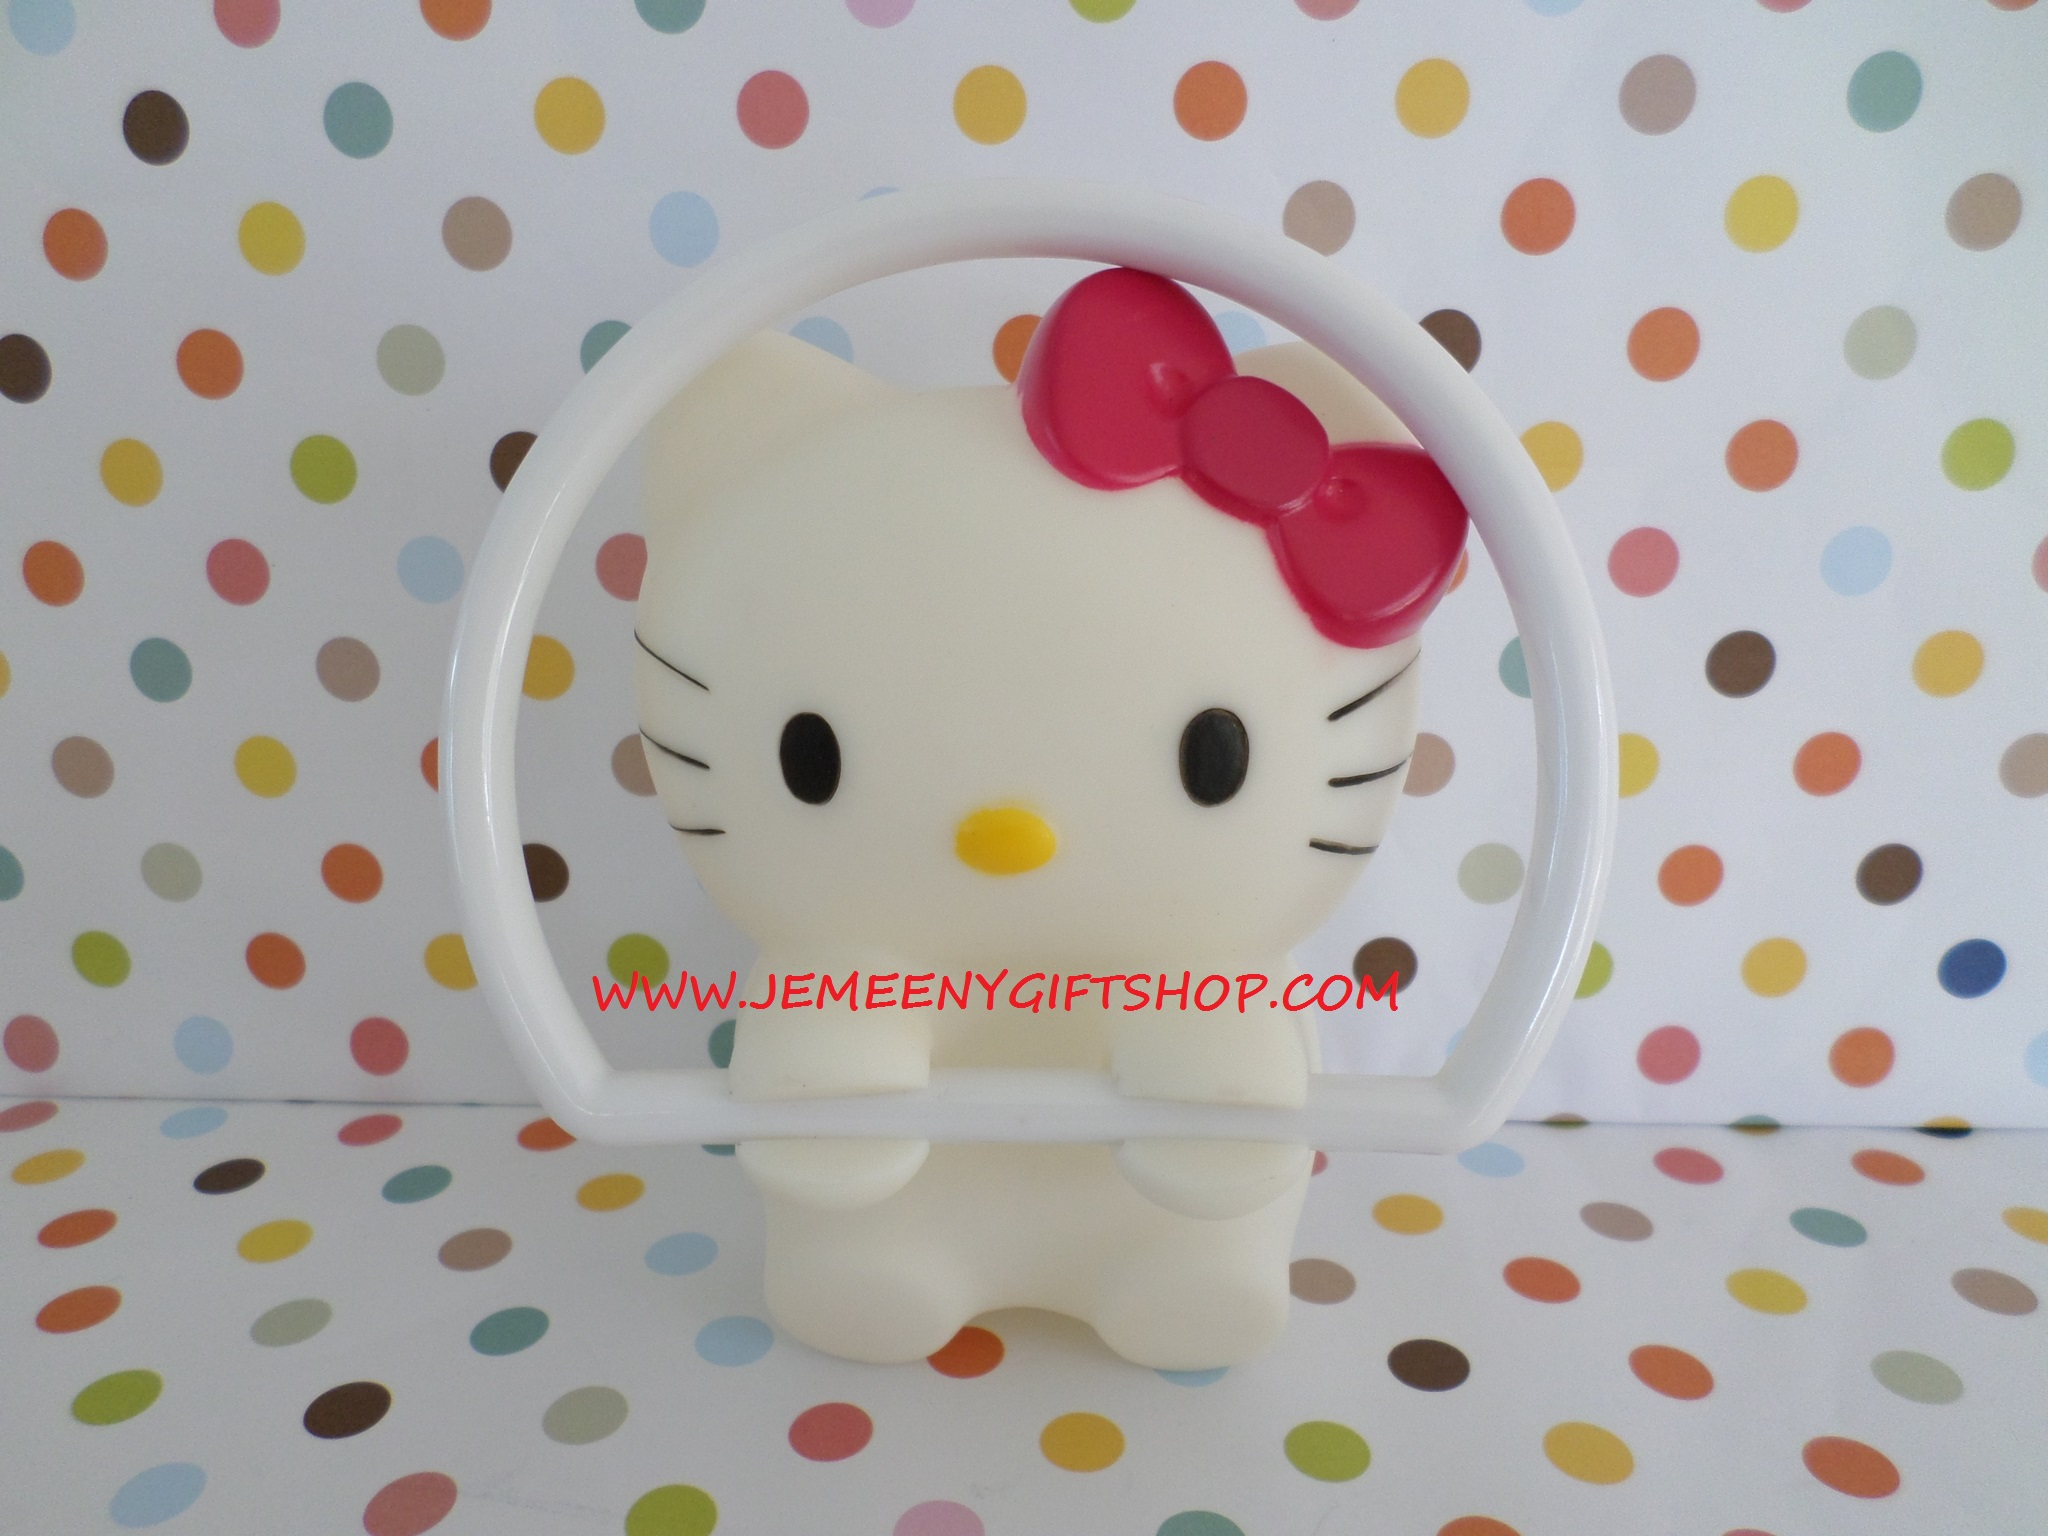 ใช้แขวนผ้าเช็ดตัว ผ้าขนหนู ในห้องน้ำ ฮัลโหลคิตตี้ Hello kitty